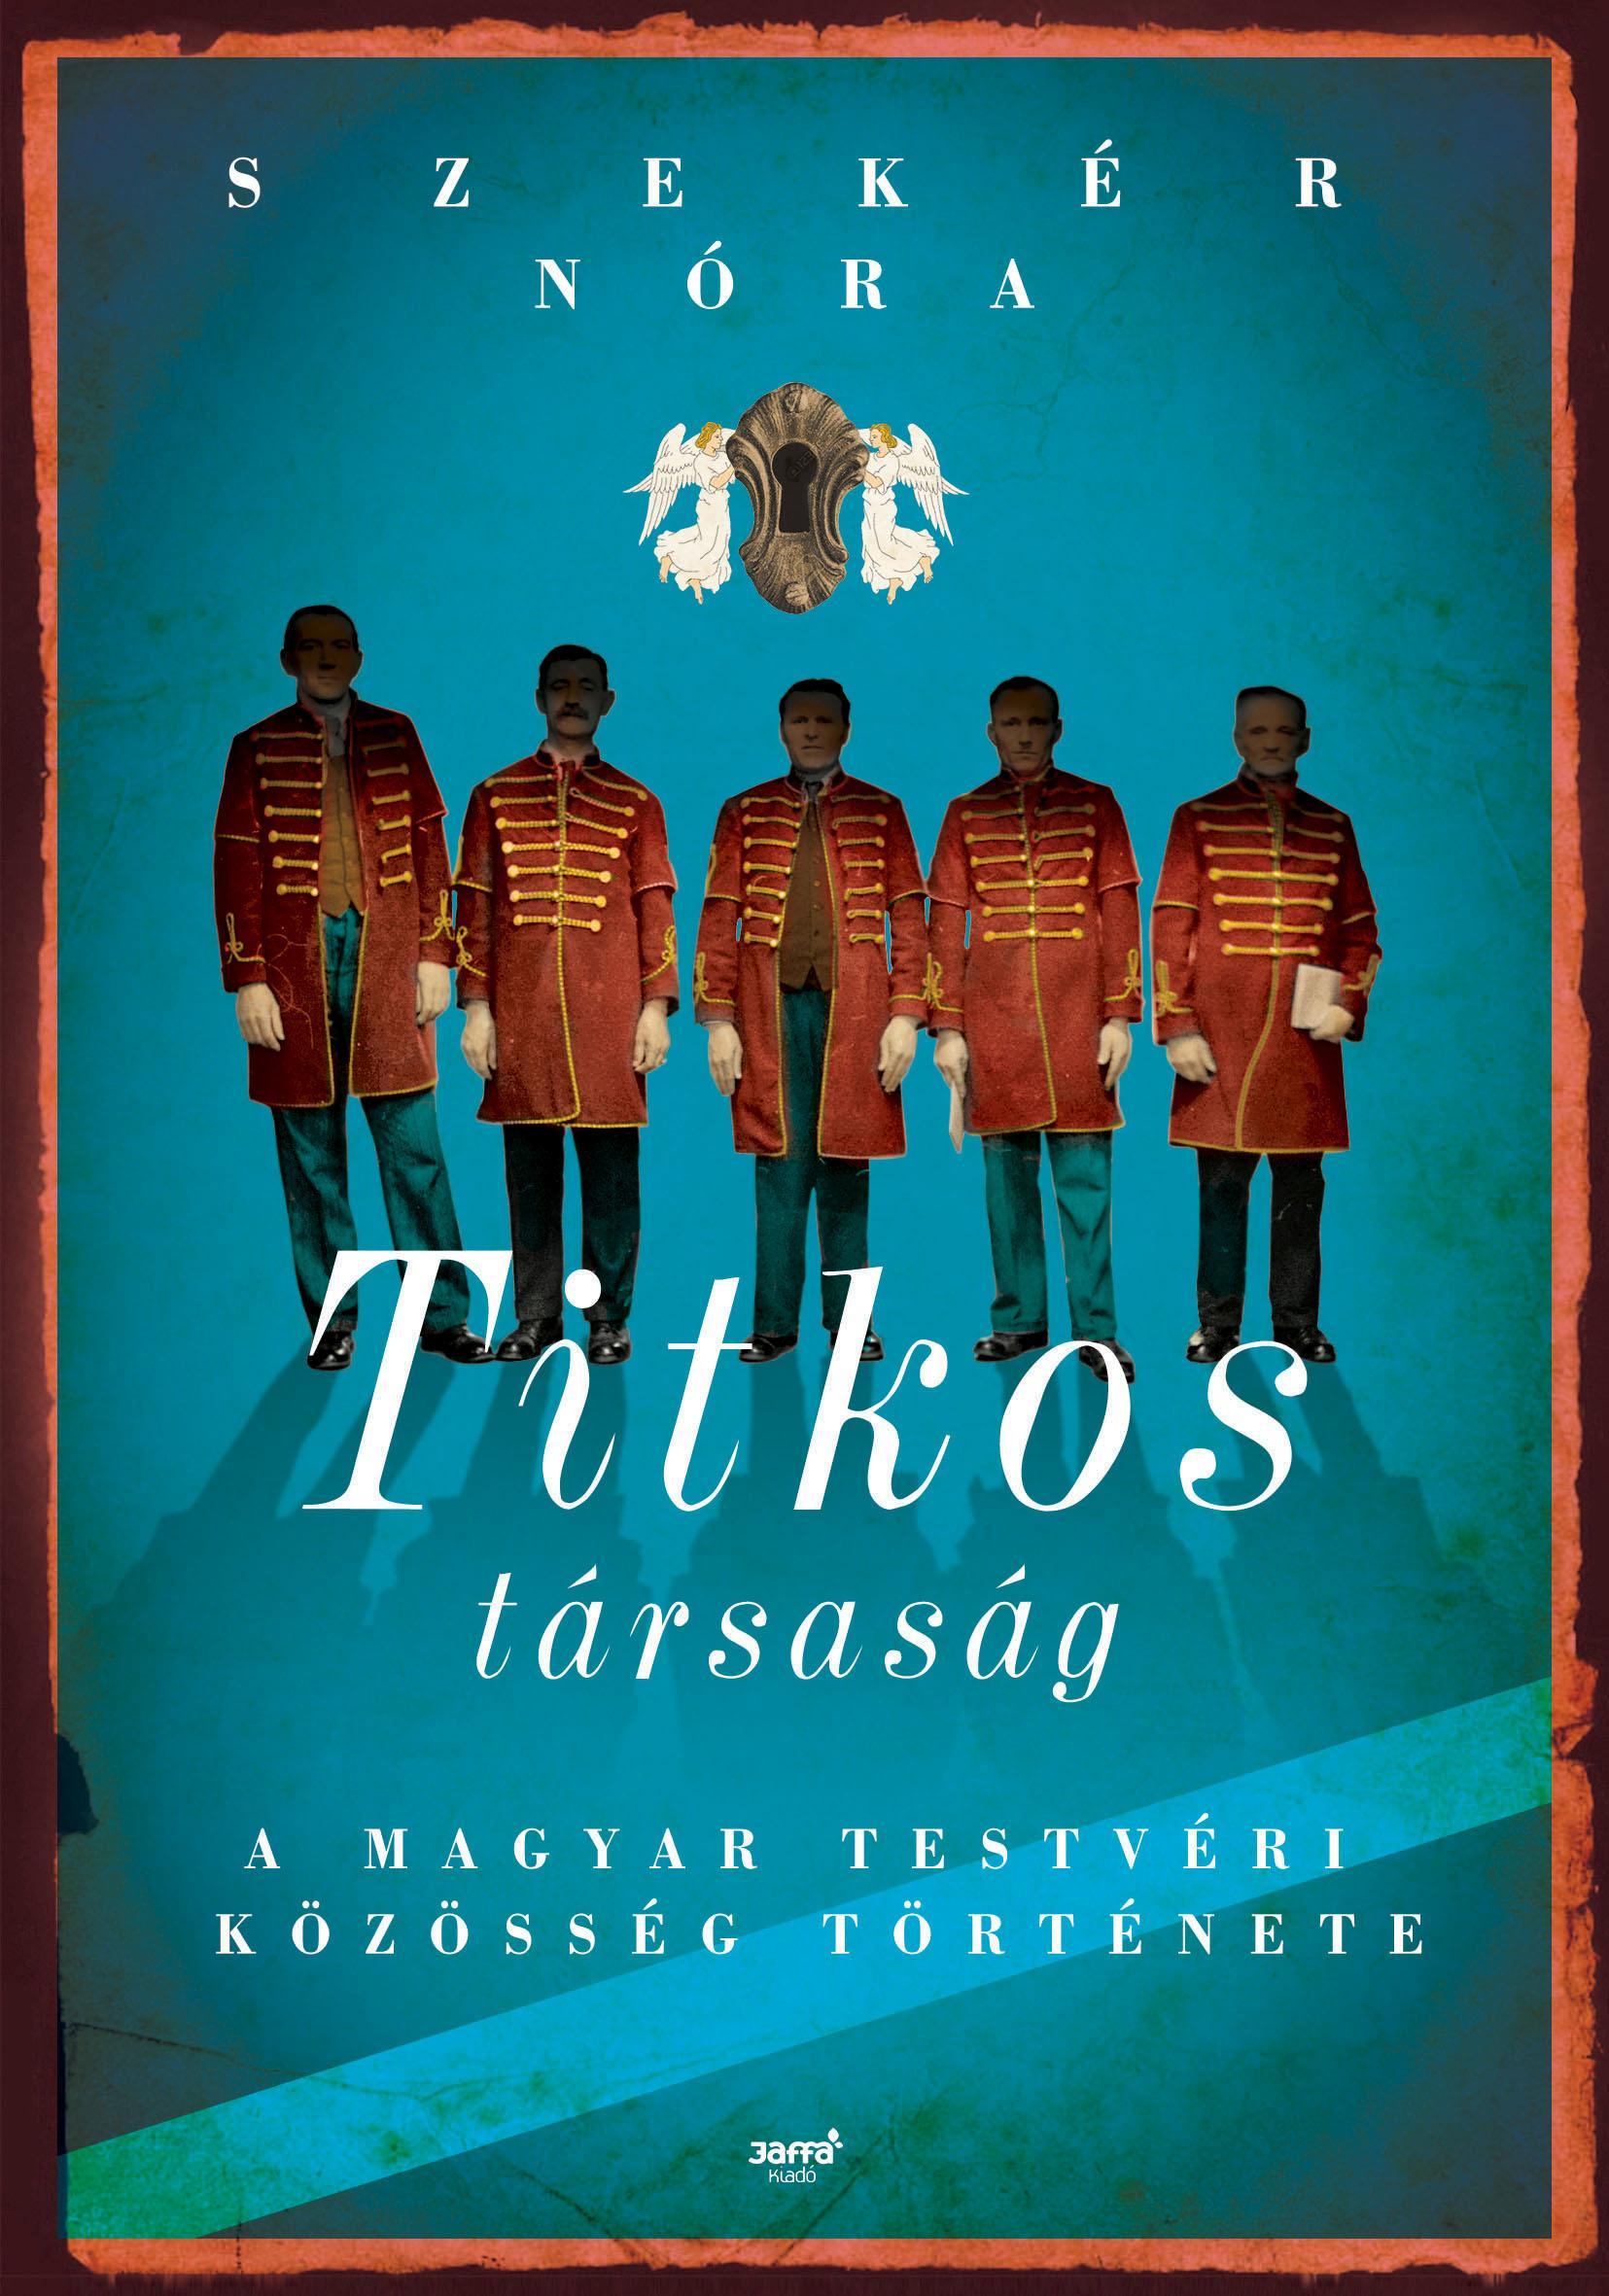 TITKOS TÁRSASÁG - A MAGYAR TESTVÉRI KÖZÖSSÉG TÖRTÉNETE